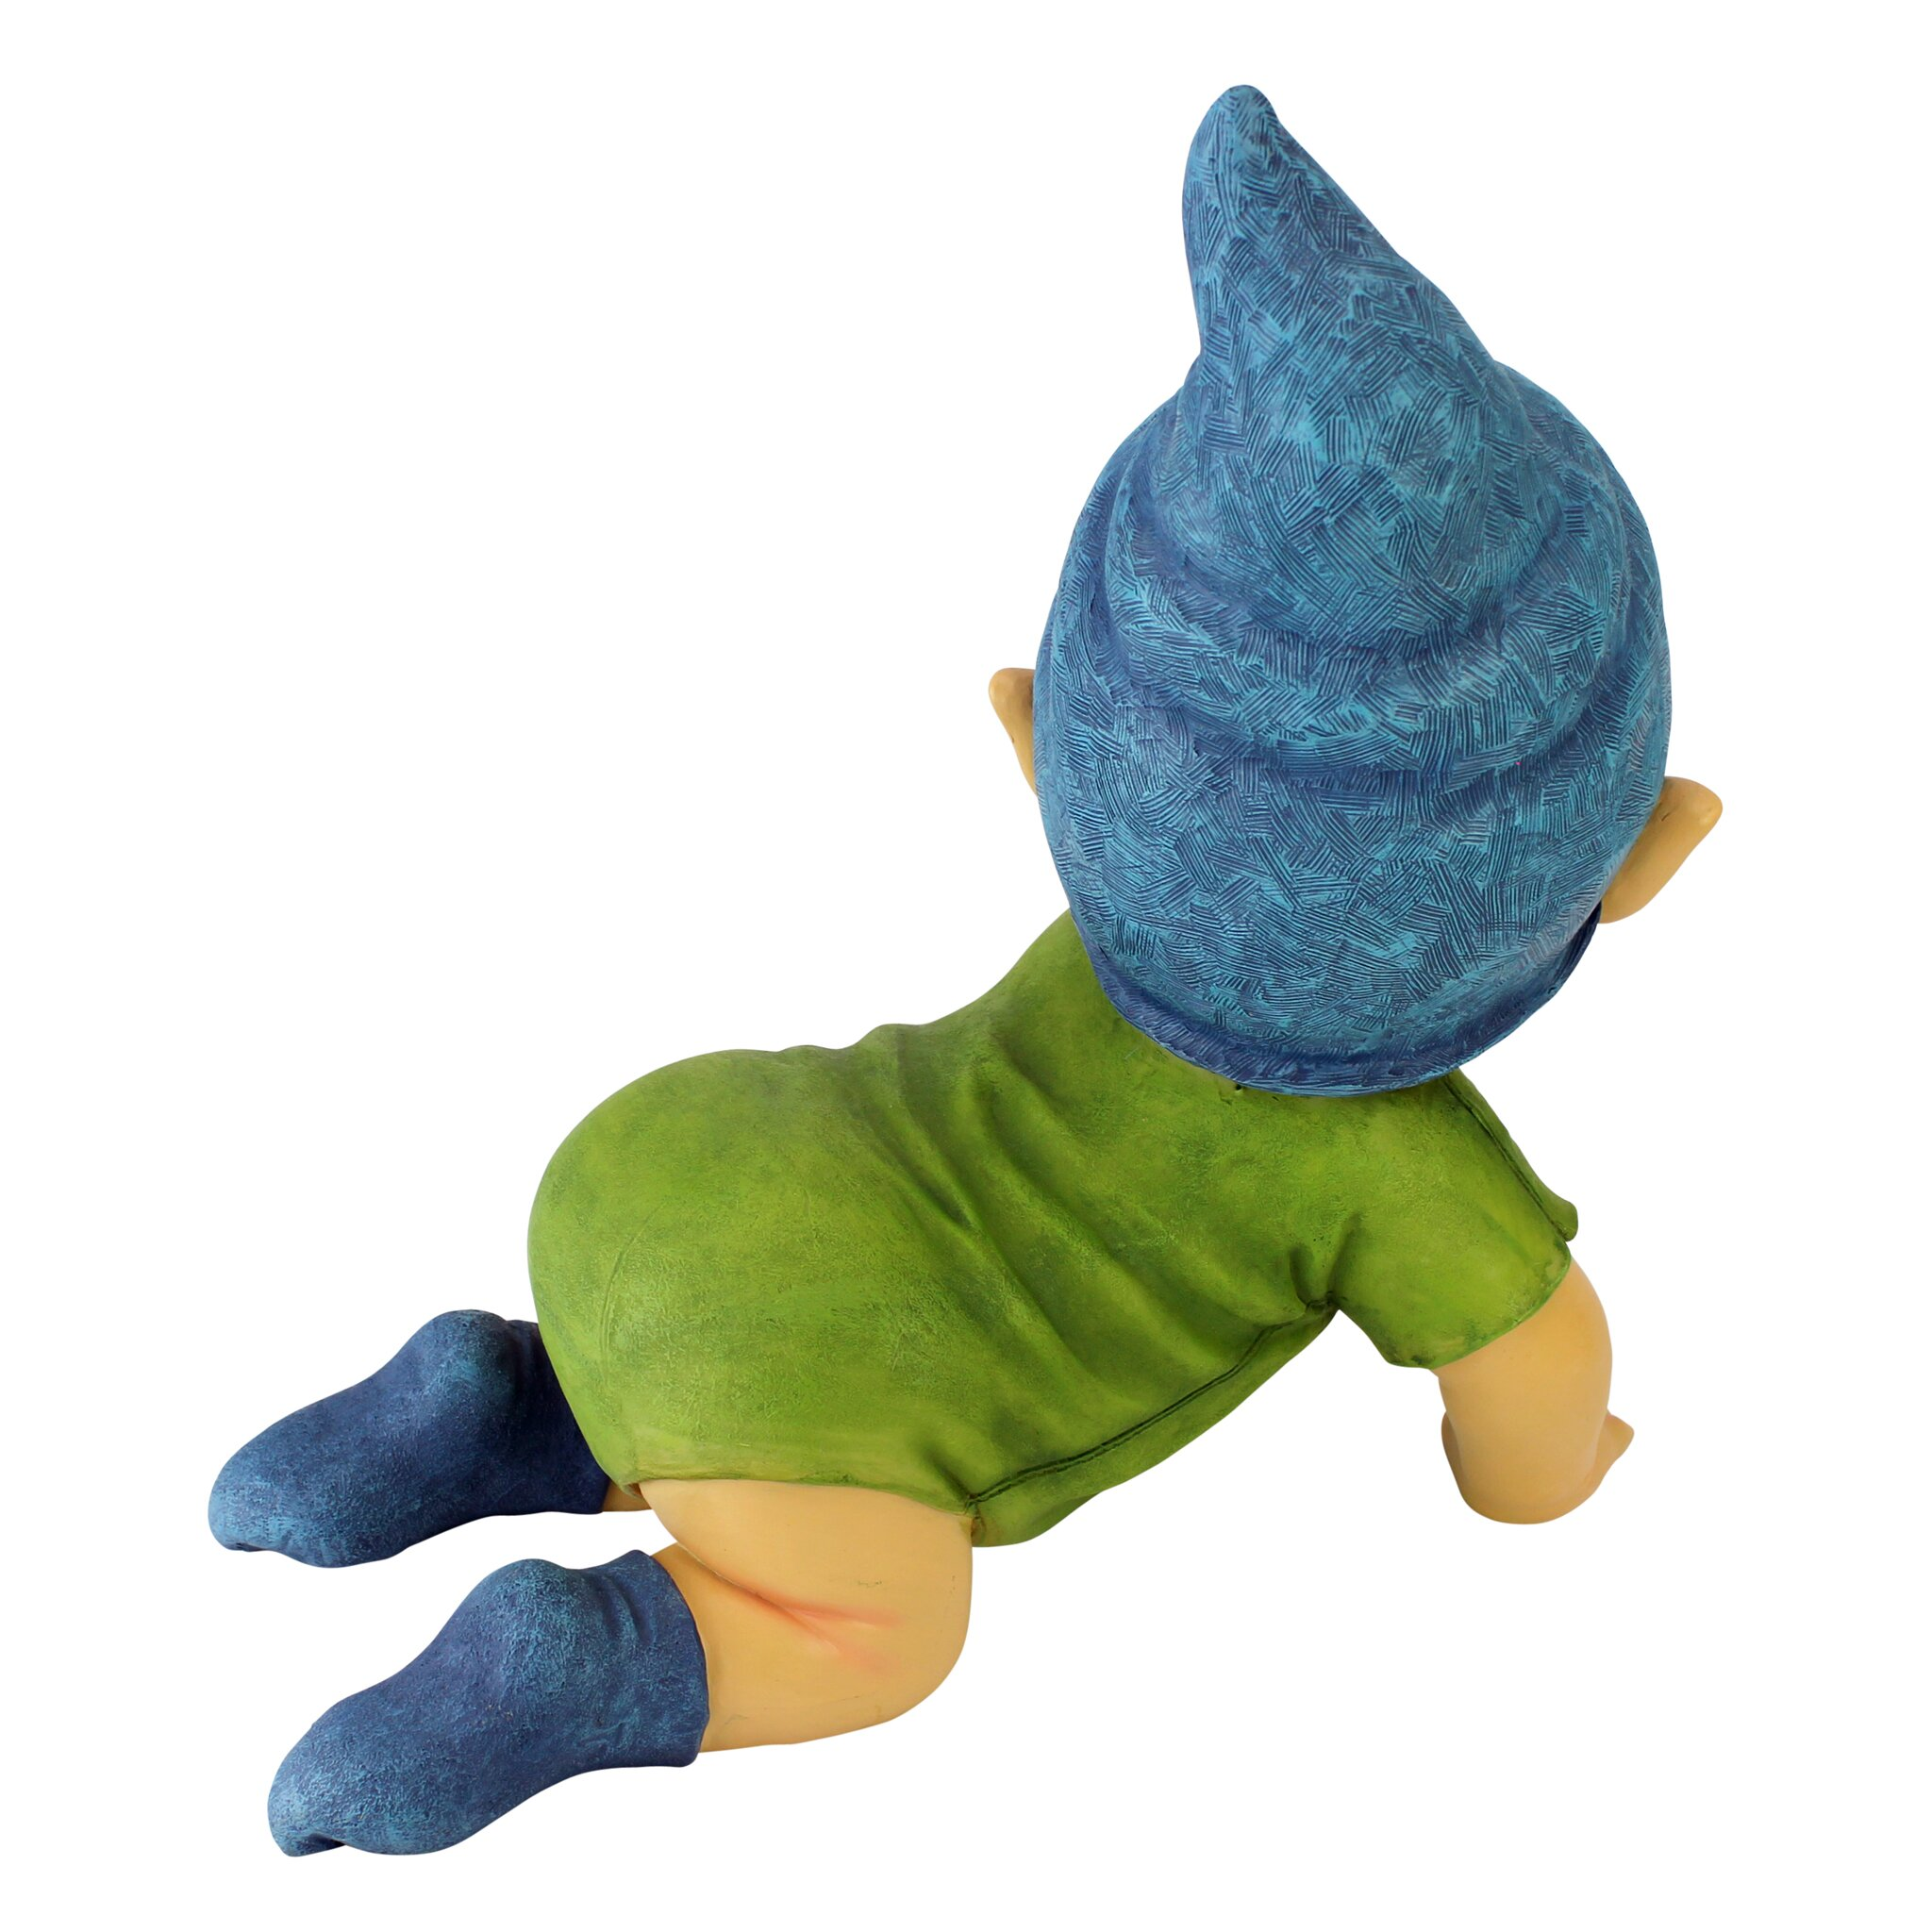 Baby Gnome: Design Toscano Blaze The Baby Gnome Statue & Reviews